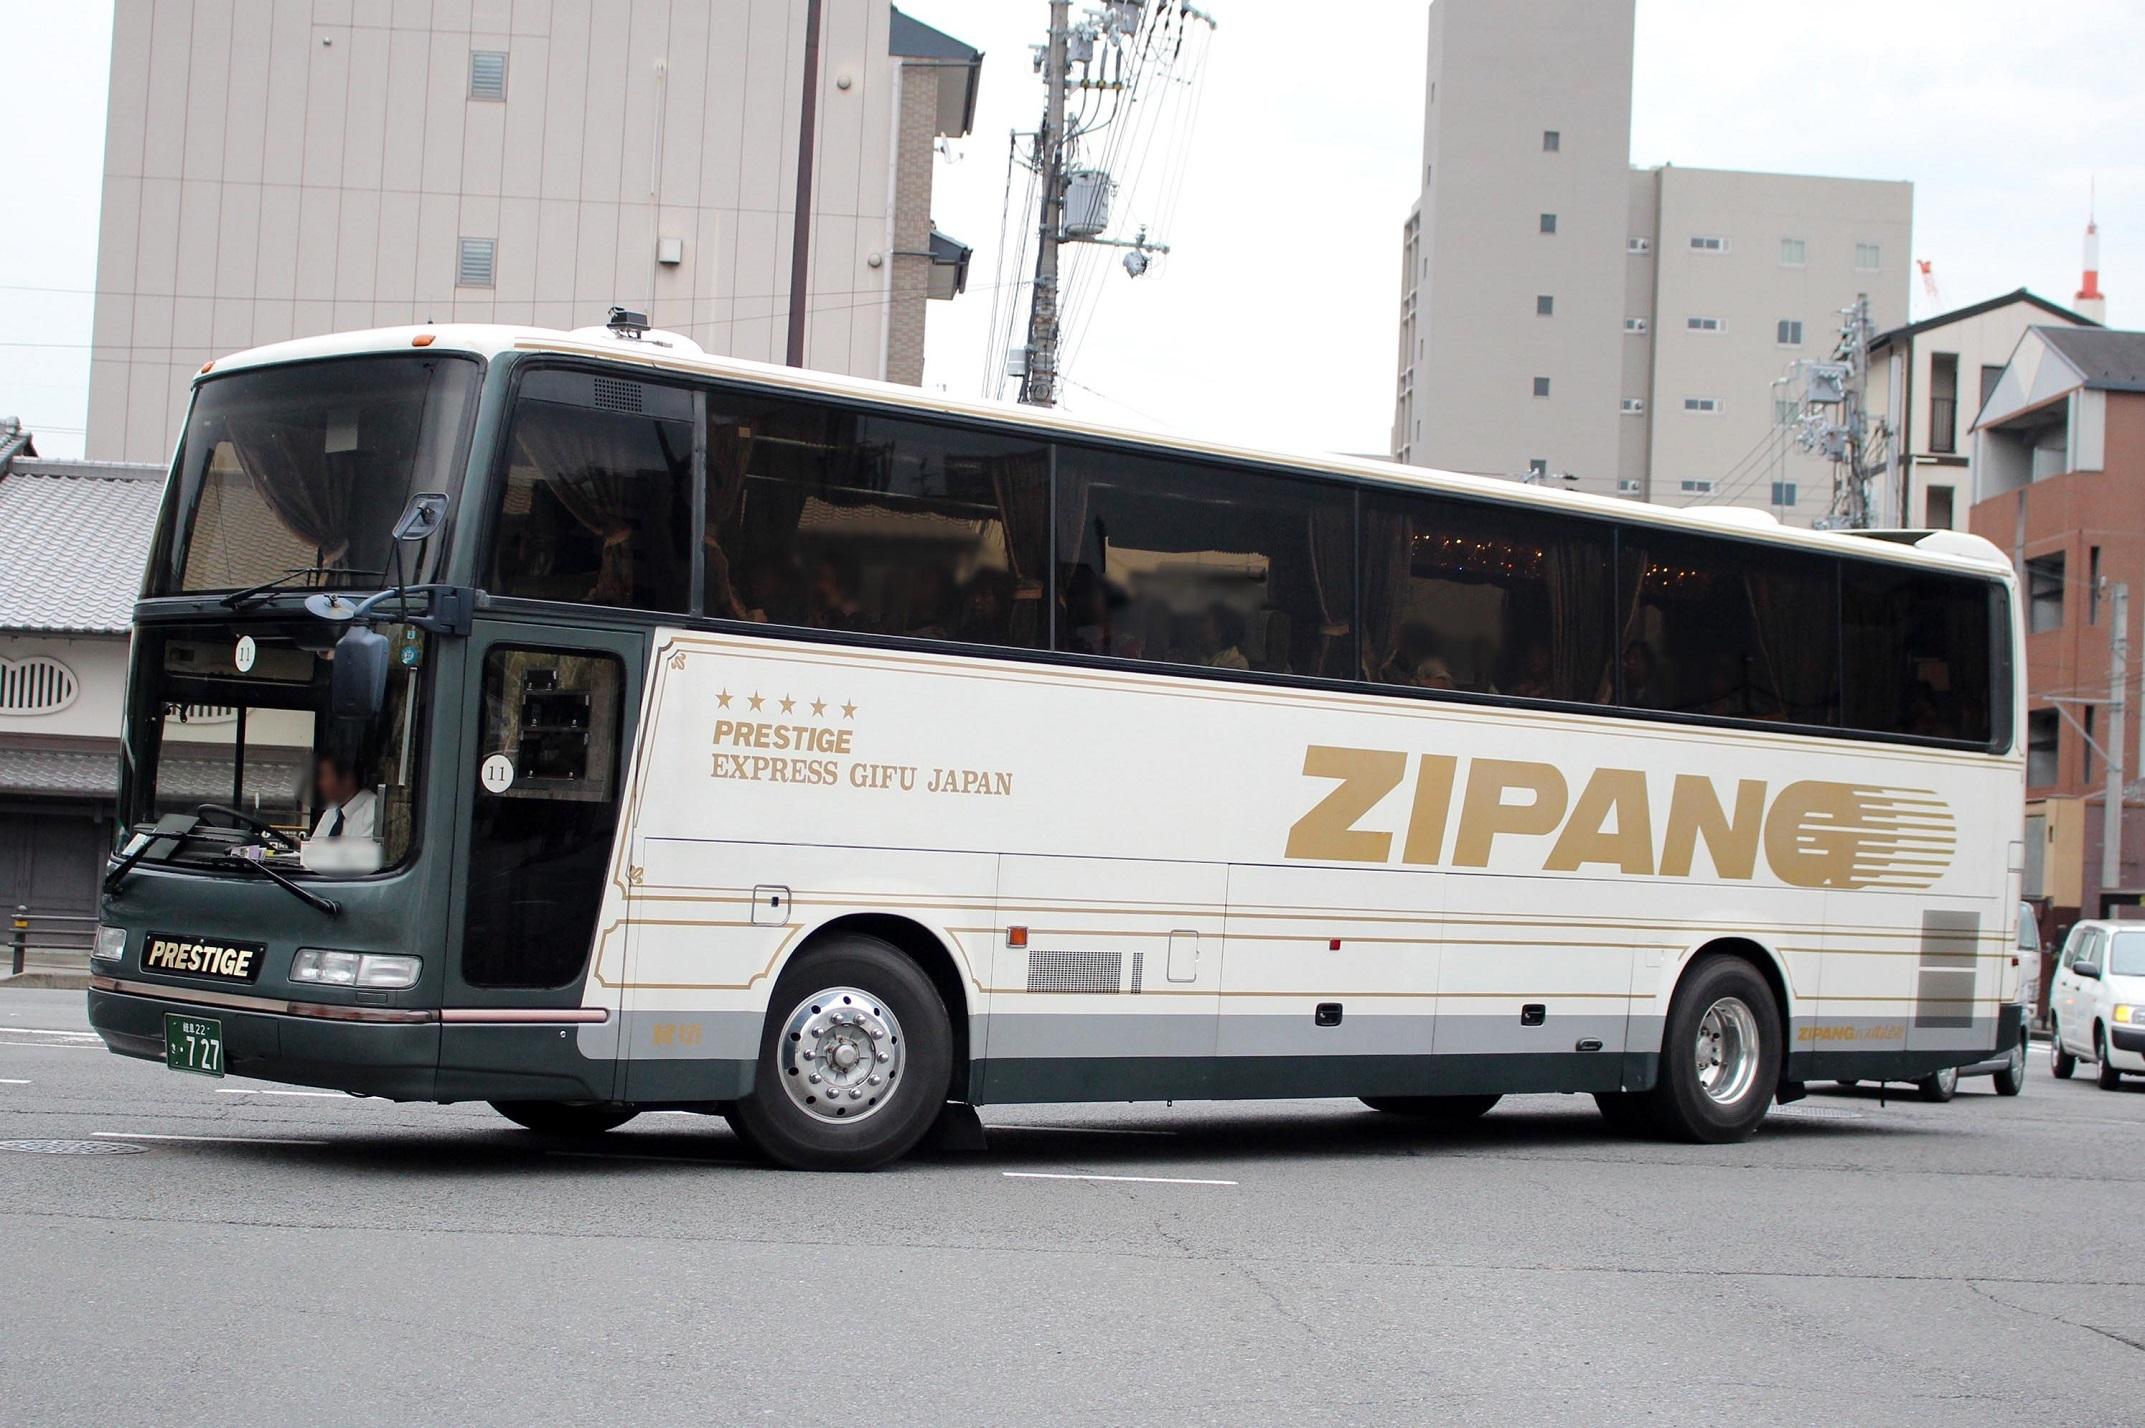 ZIPANGバス き727